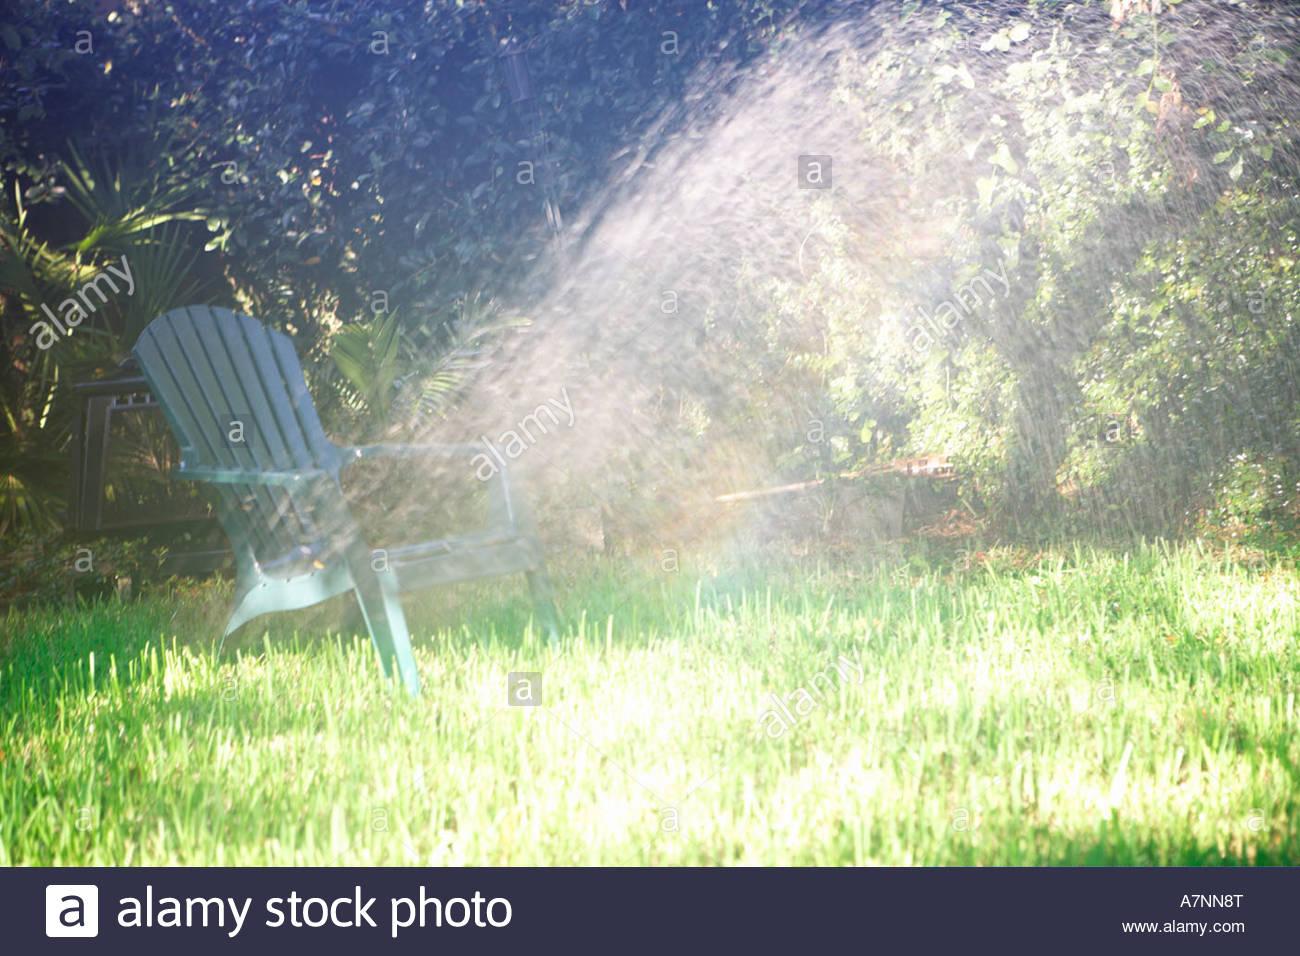 Sedia all'aperto sul giardino prato sotto la luce diretta del sole Immagini Stock